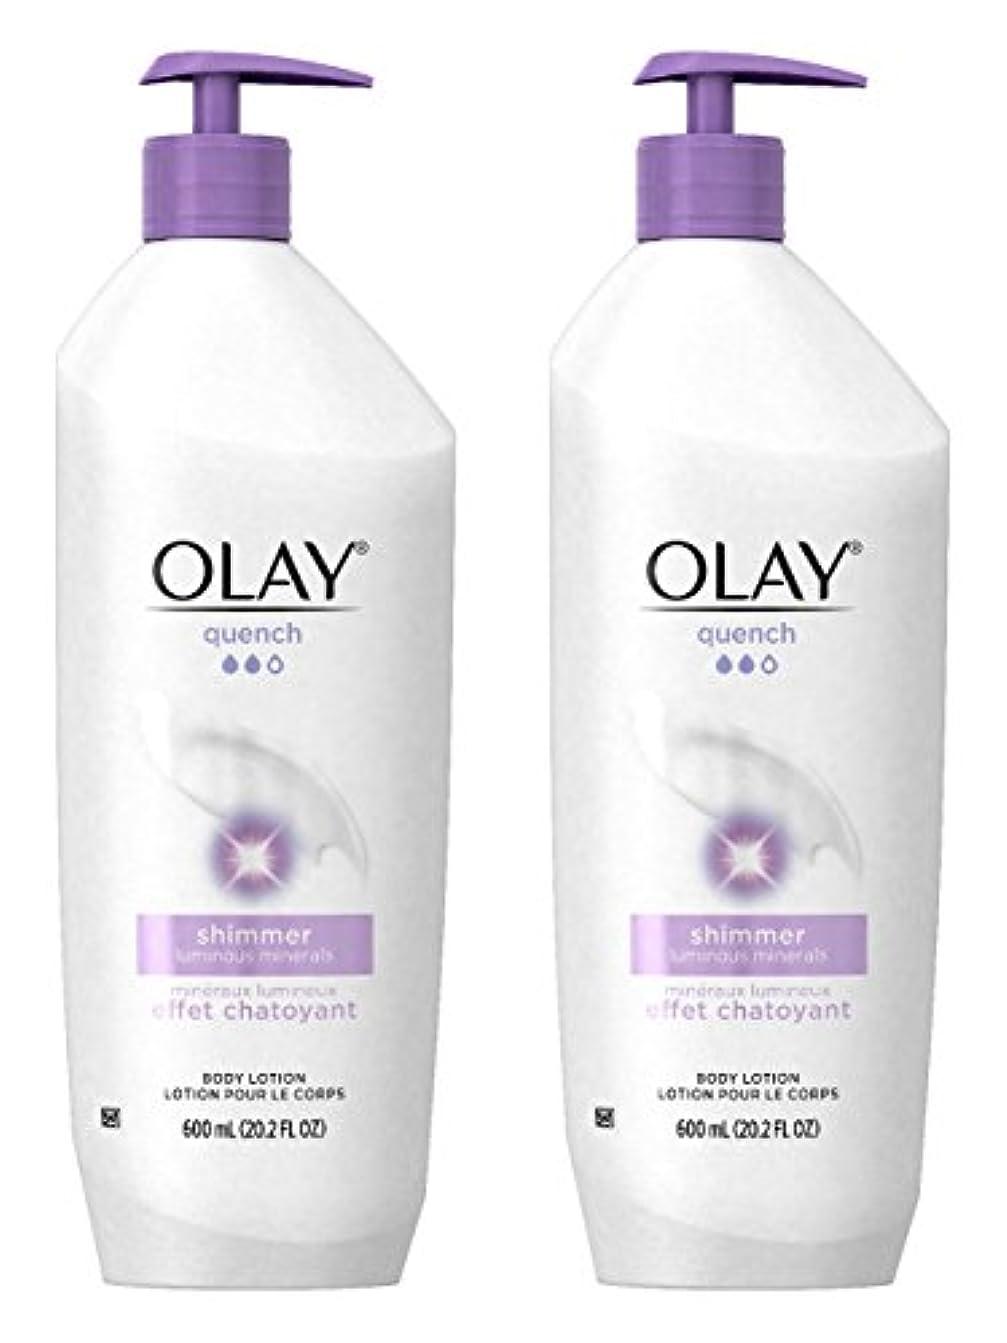 リーズ勇敢な舌なOlay Quench Daily Lotion Plus Shimmer Body Lotion 20.2 Fl Oz (Pack of 2) by Olay [並行輸入品]